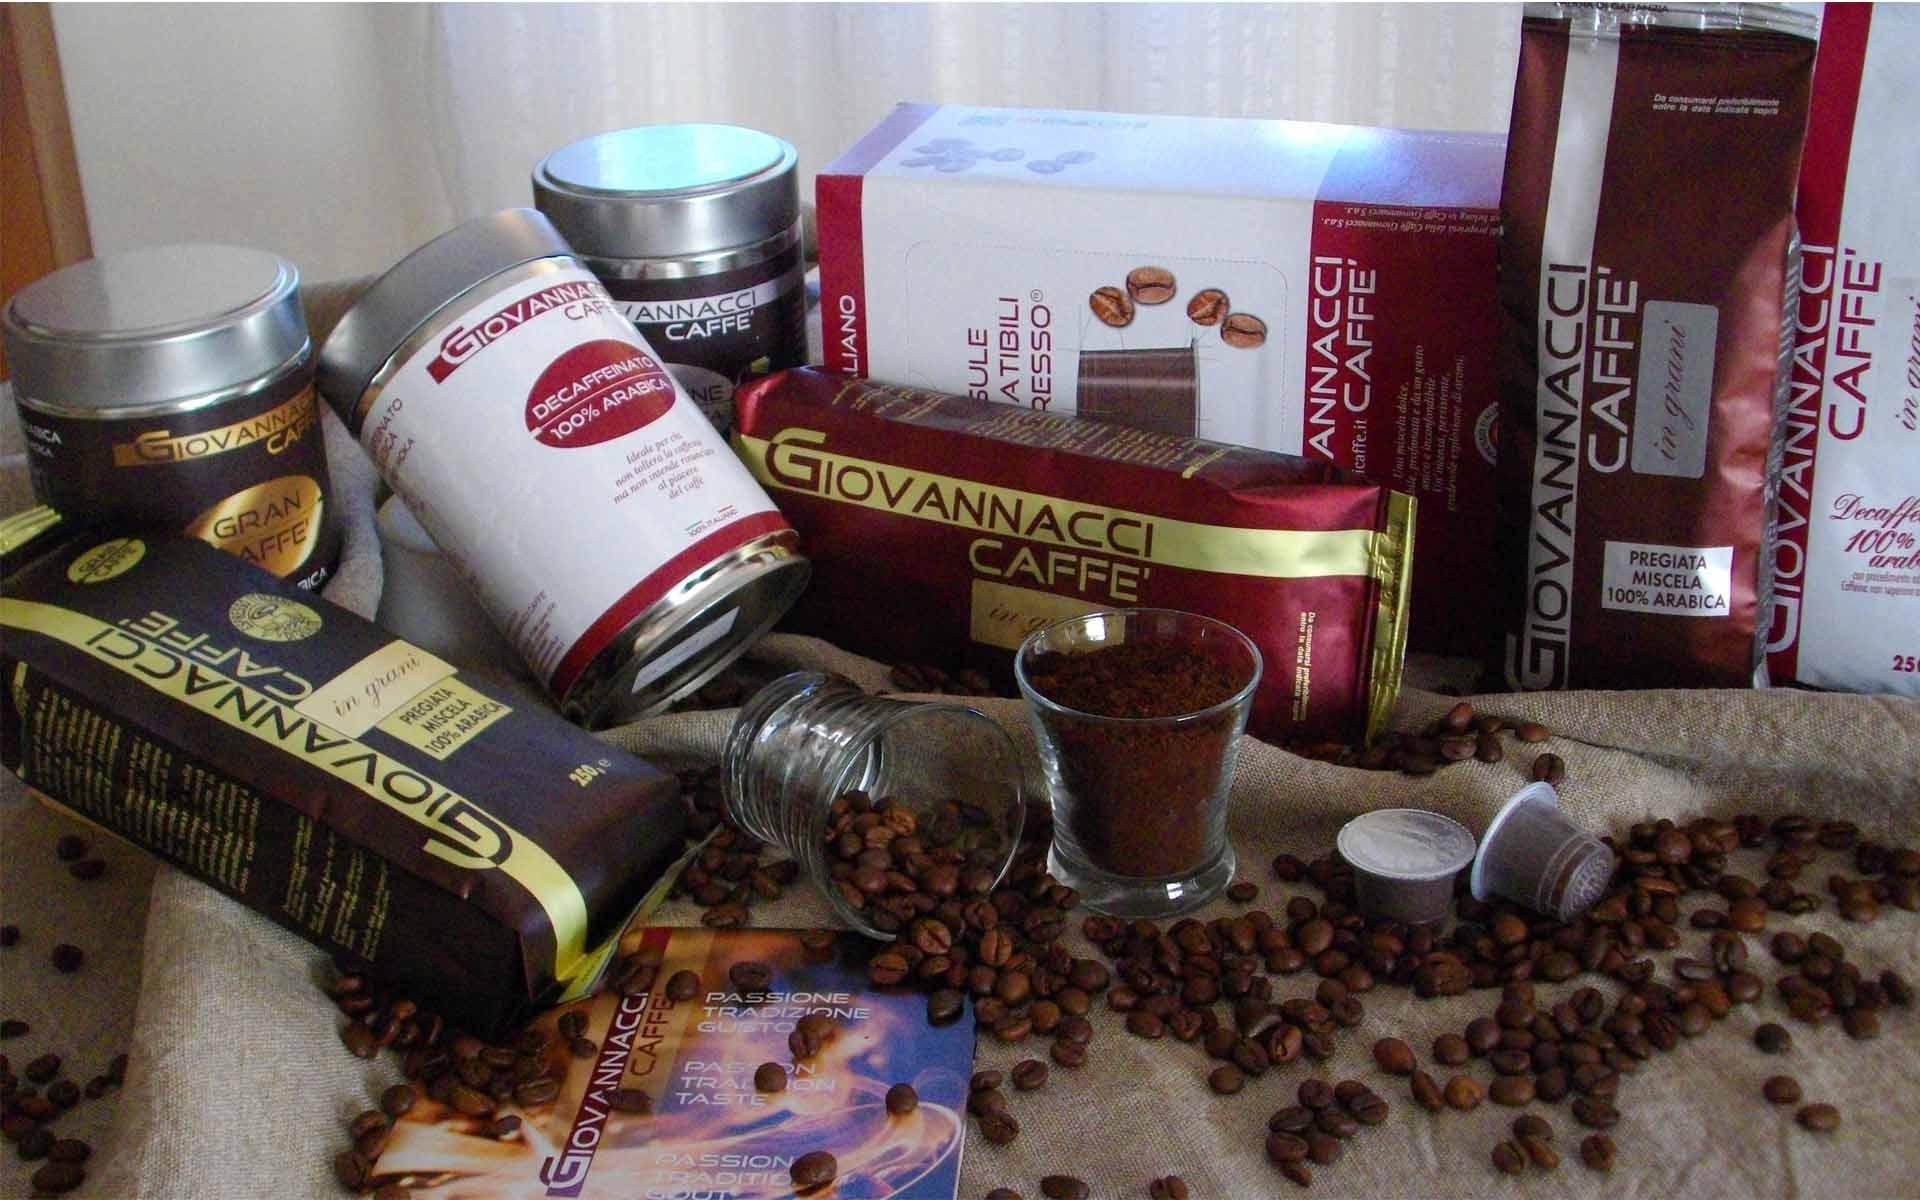 Fournisseur de café italien : Giovannacci